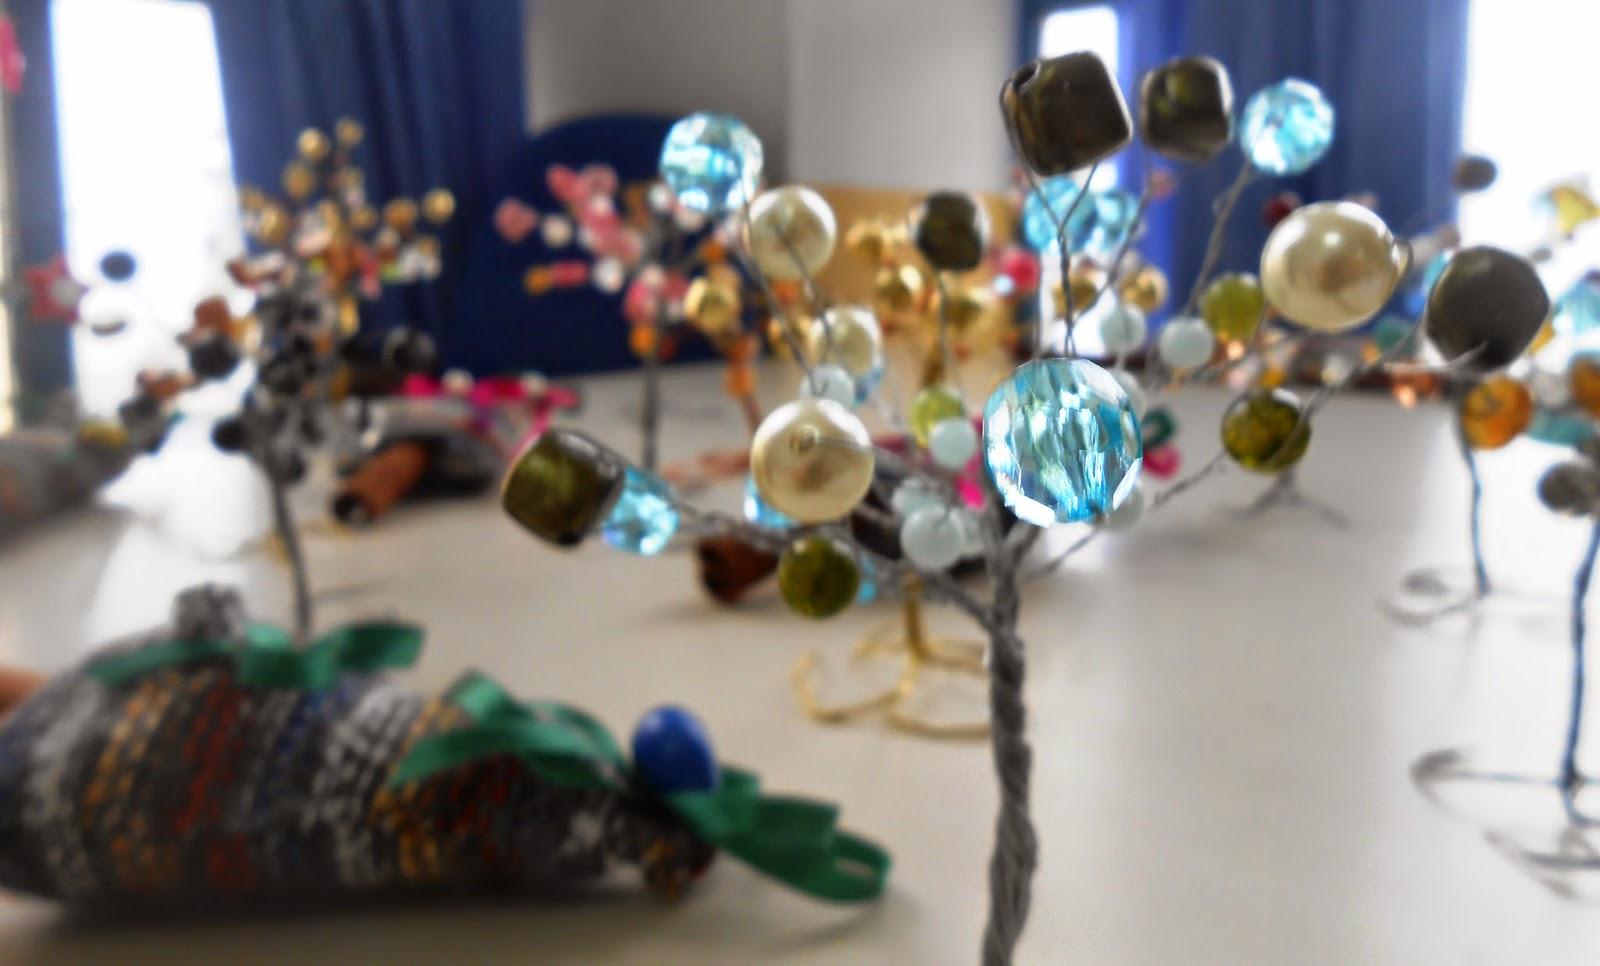 #347D97 ΓΑΛΛΙΚΑ ΣΤΟ ΣΧΟΛΕΙΟ ΜΑΣ : Les Arbres De Noël à N. Marmaras. 5293 décorations de noel à fabriquer cp 1600x966 px @ aertt.com